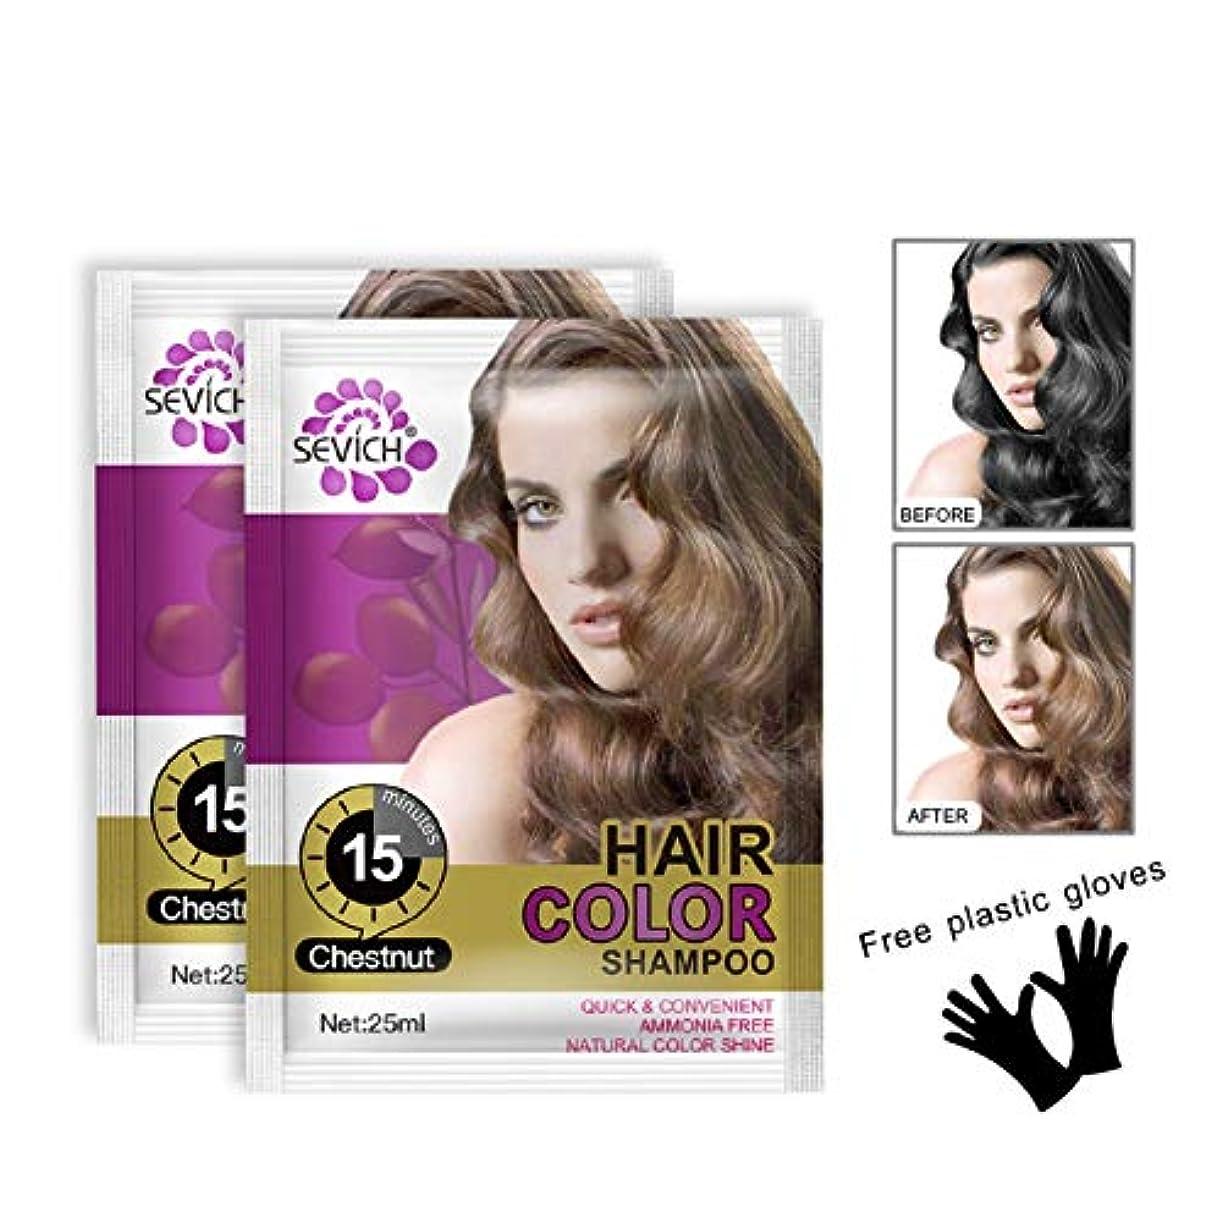 抜け目のない元の科学的ヘアカラー ヘア染め ヘアカラースタイリング 髪の色のシャンプ ヘアシャンプー 純粋な植物 自然 刺激ない ヘアケア 10枚セット Cutelove